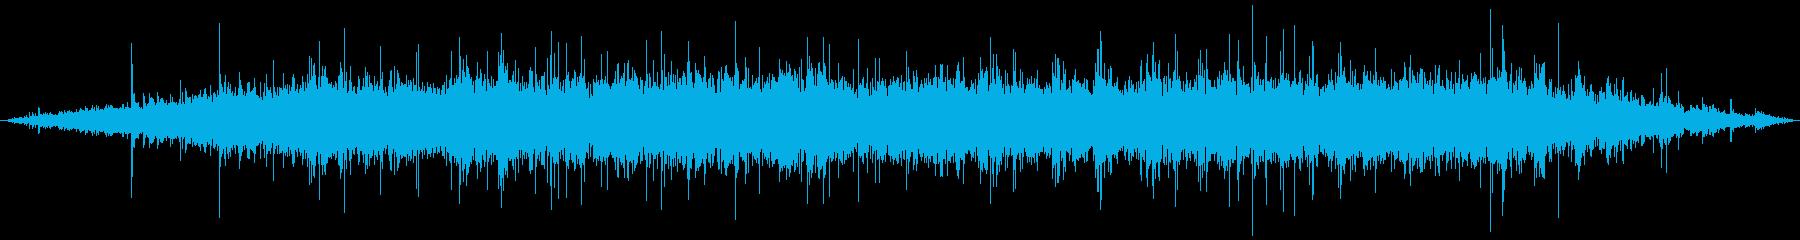 ジュゥゥゥ+パチパチ(焼く)の再生済みの波形